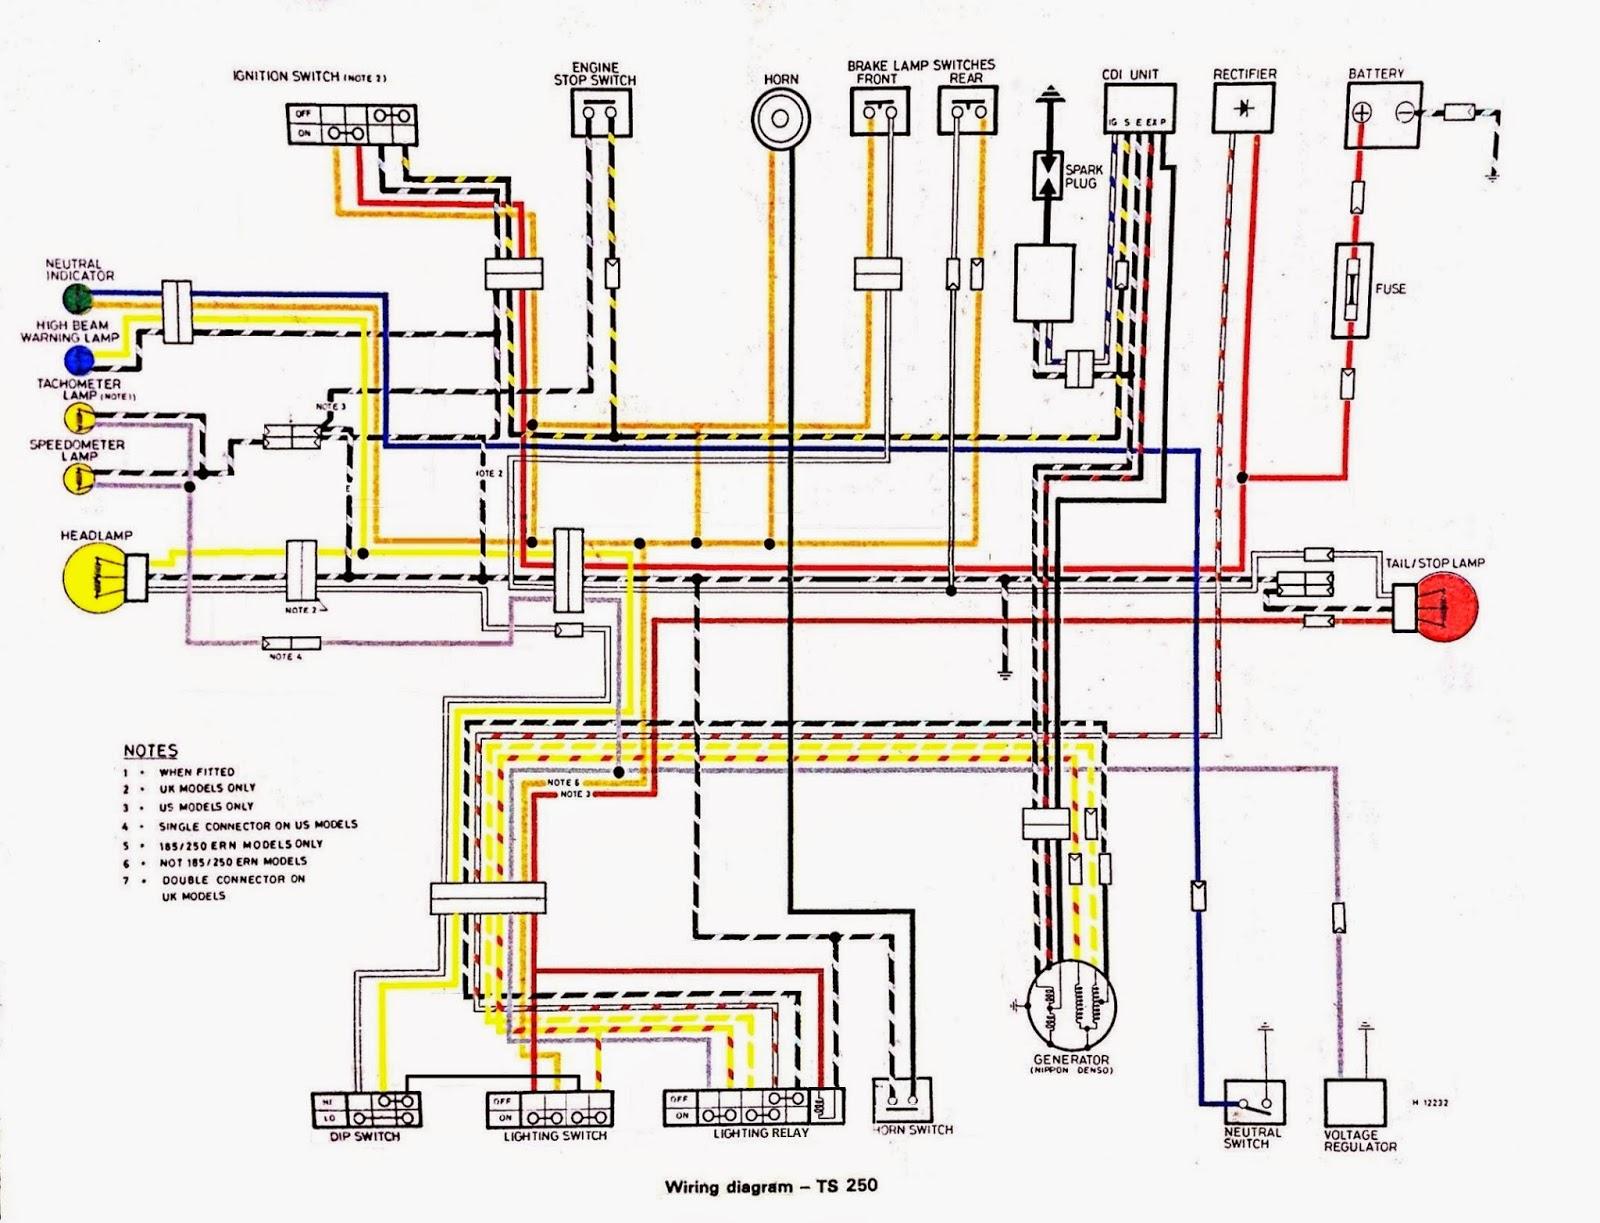 suzuki atv wiring